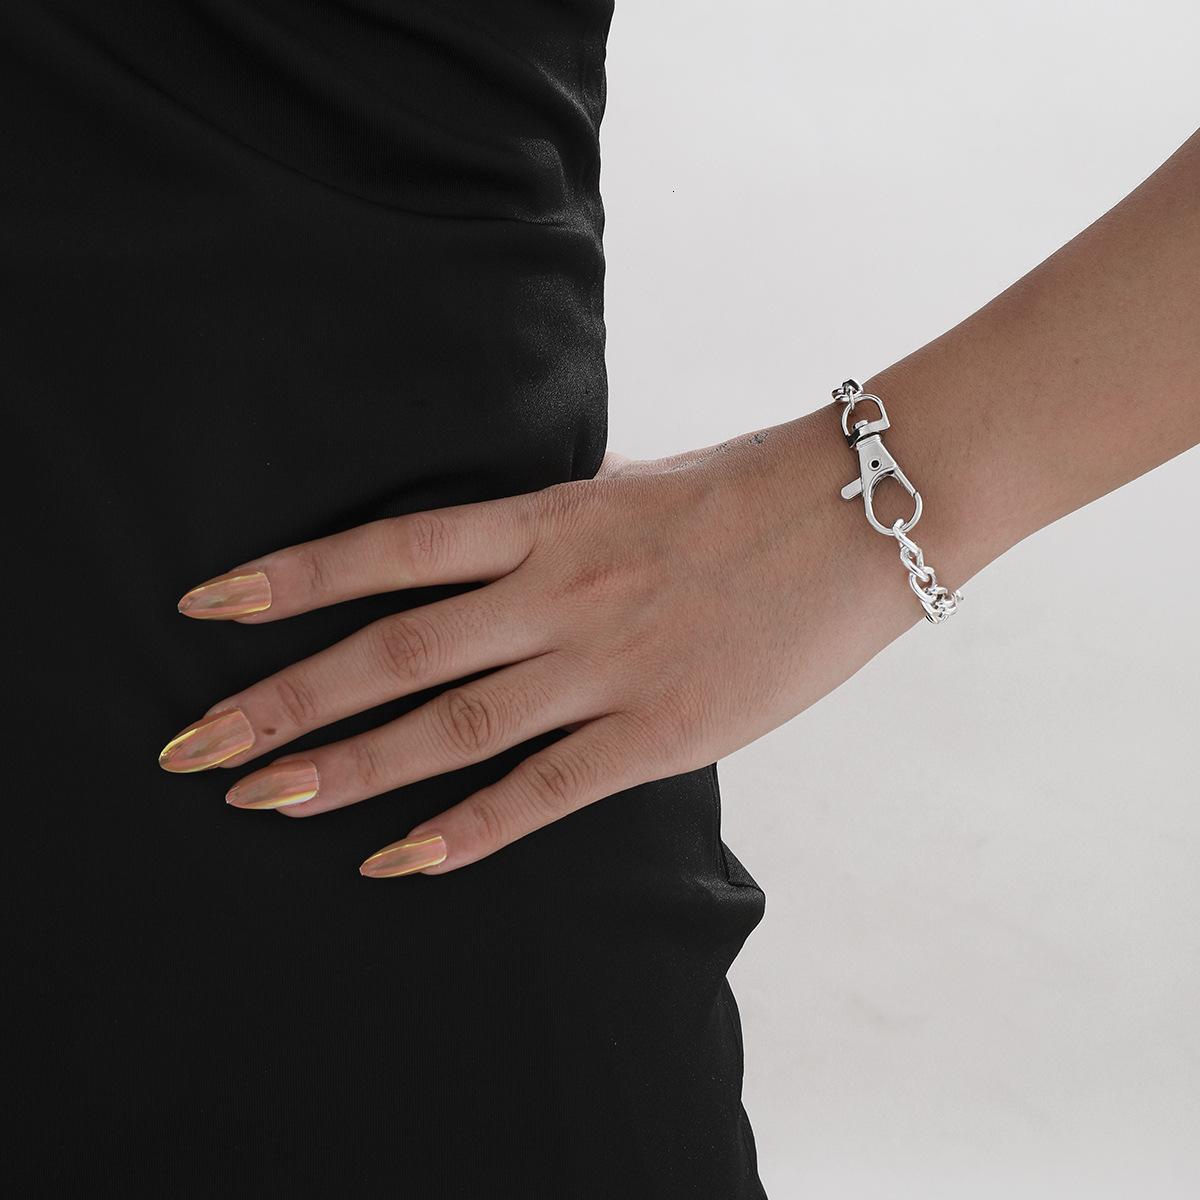 Takı Kişilik Abartı Büyük Kilit Gümüş Zincir Bilezik Çok Yönlü Yaratıcı El Moda Tasarım